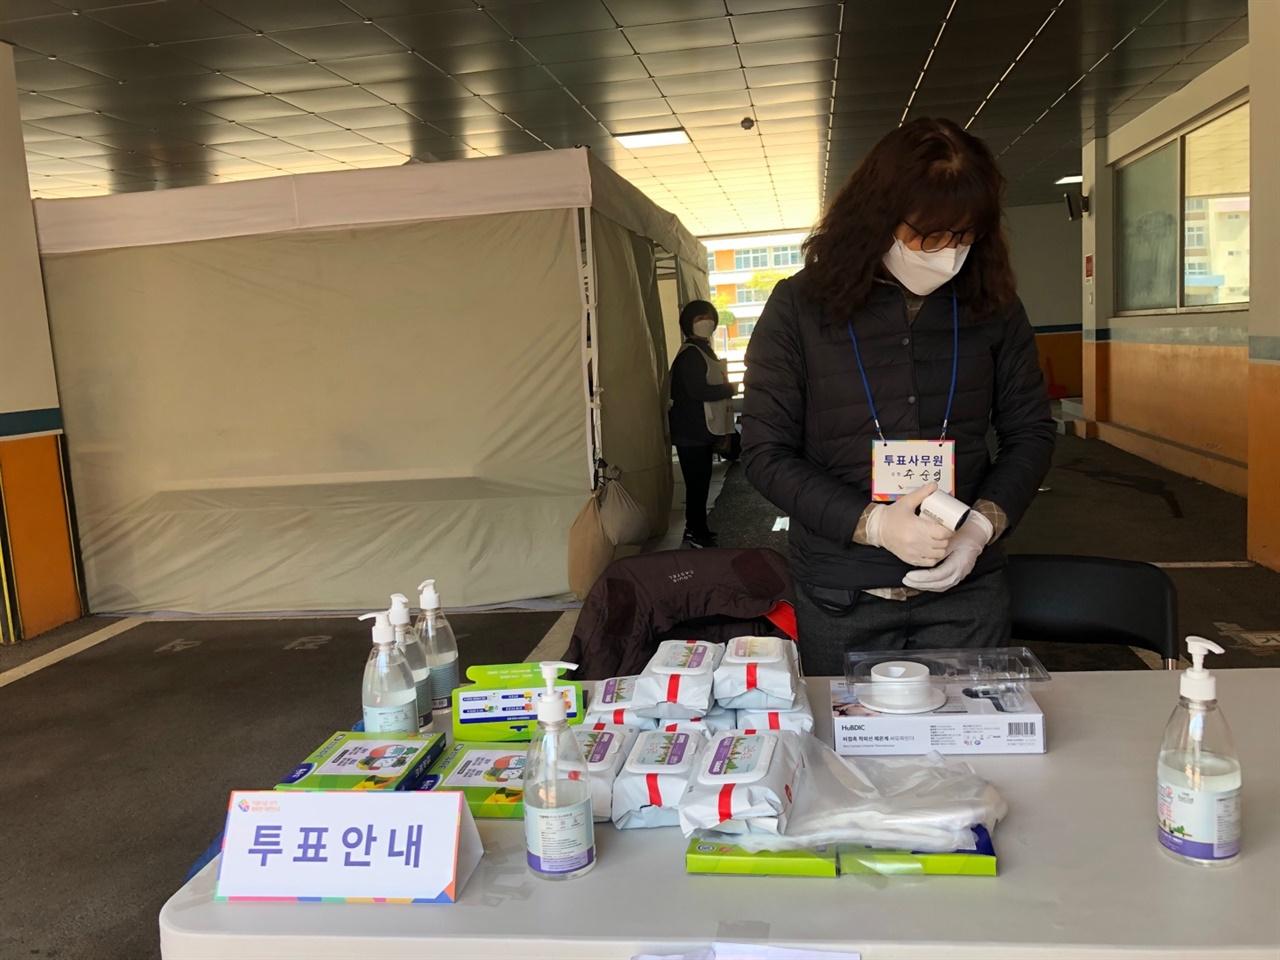 투표안내소 코로나 19 방역에 최대한 노력하는 모습이 돋보인다 뒤 텐트가 투표소인데 너무 추웠다.